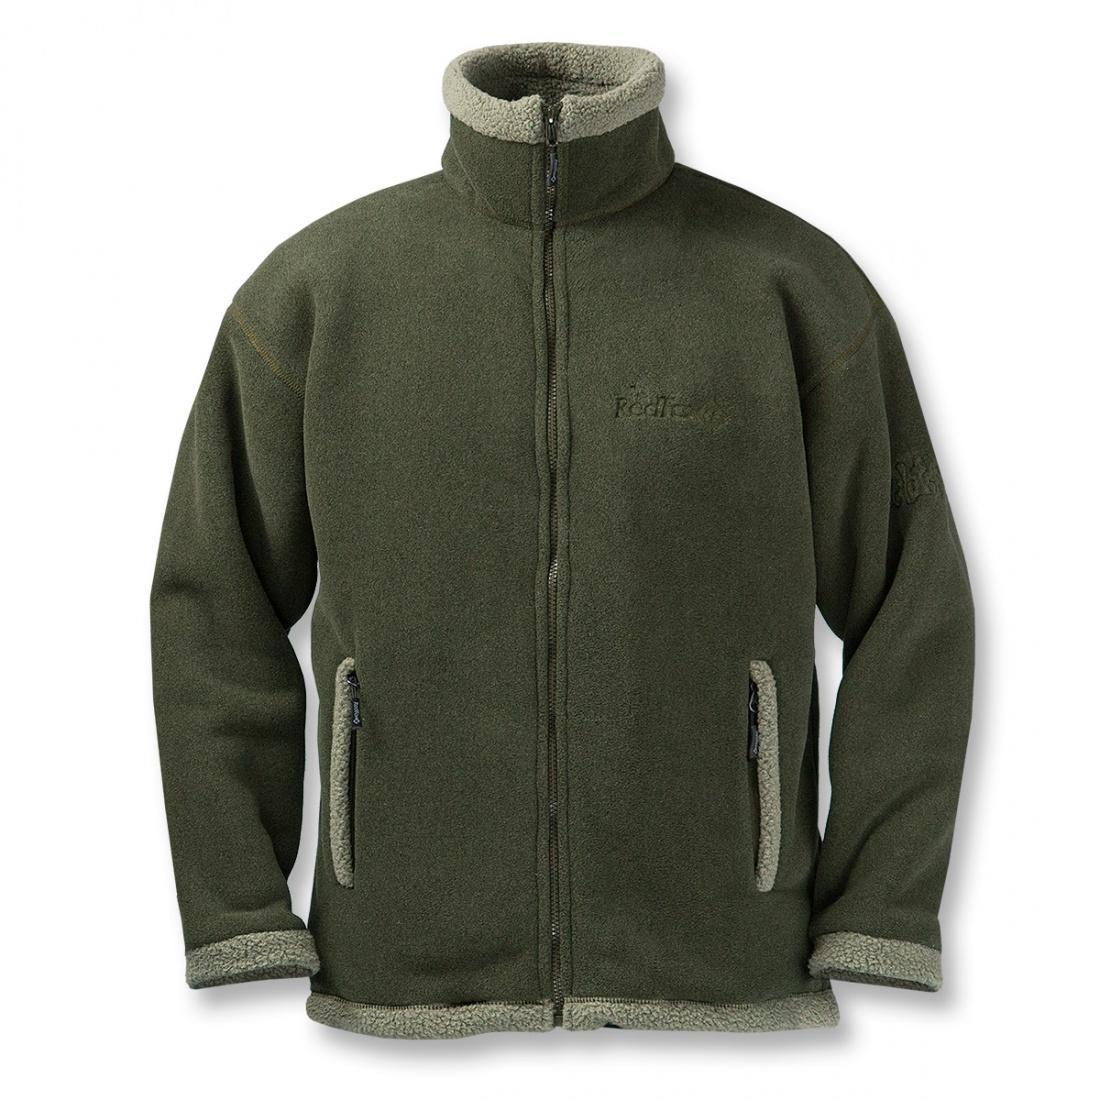 Куртка Cliff МужскаяКуртки<br><br> Модель курток Сliff признана одной из самых популярных в коллекции Red Fox среди изделий из материаловPolartec®.<br><br><br> <br><br><br><br><br>Материал –Polartec® 300, 100% PolyesterKnit, 376 g/sqm.<br>Посадка – Regula...<br><br>Цвет: Хаки<br>Размер: 60